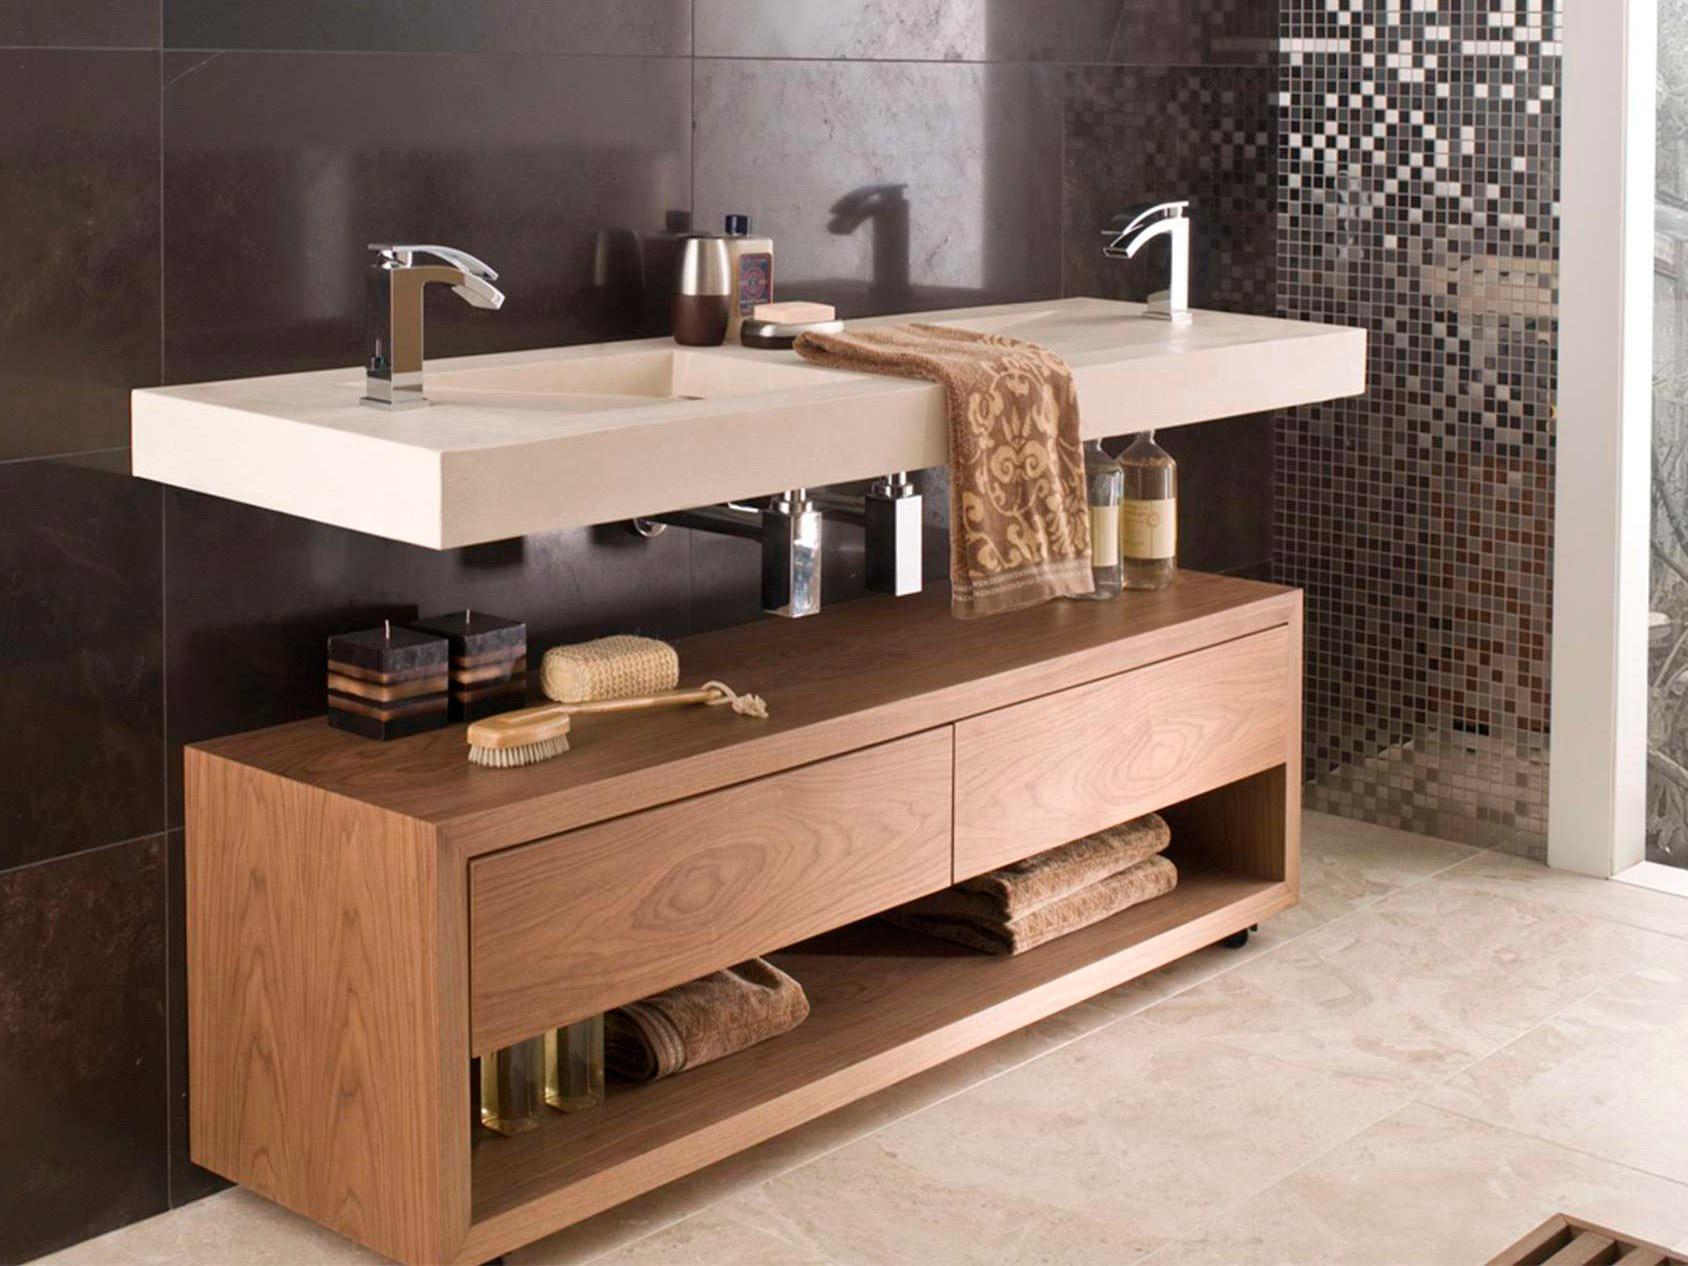 Muebles de ba o modernos a medida en a coru a for Muebles de bano con estilo